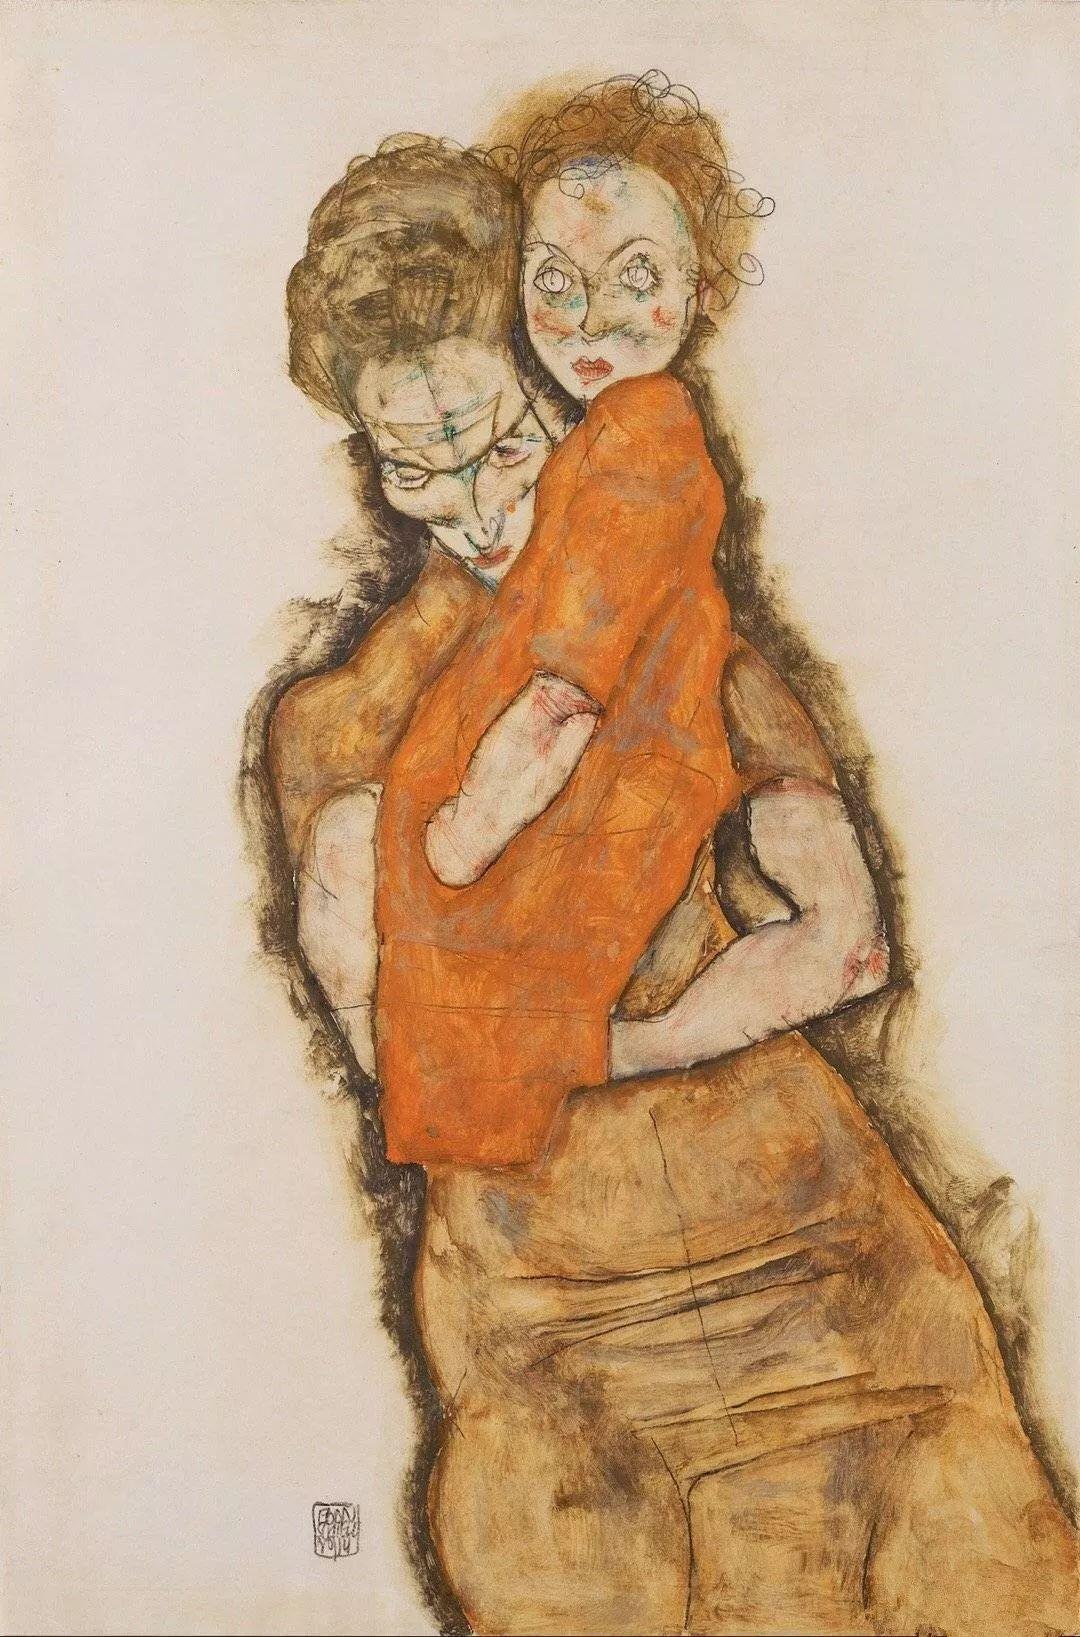 年仅28岁,生前遭受非议,死后却被捧为直逼心灵的艺术家插图143